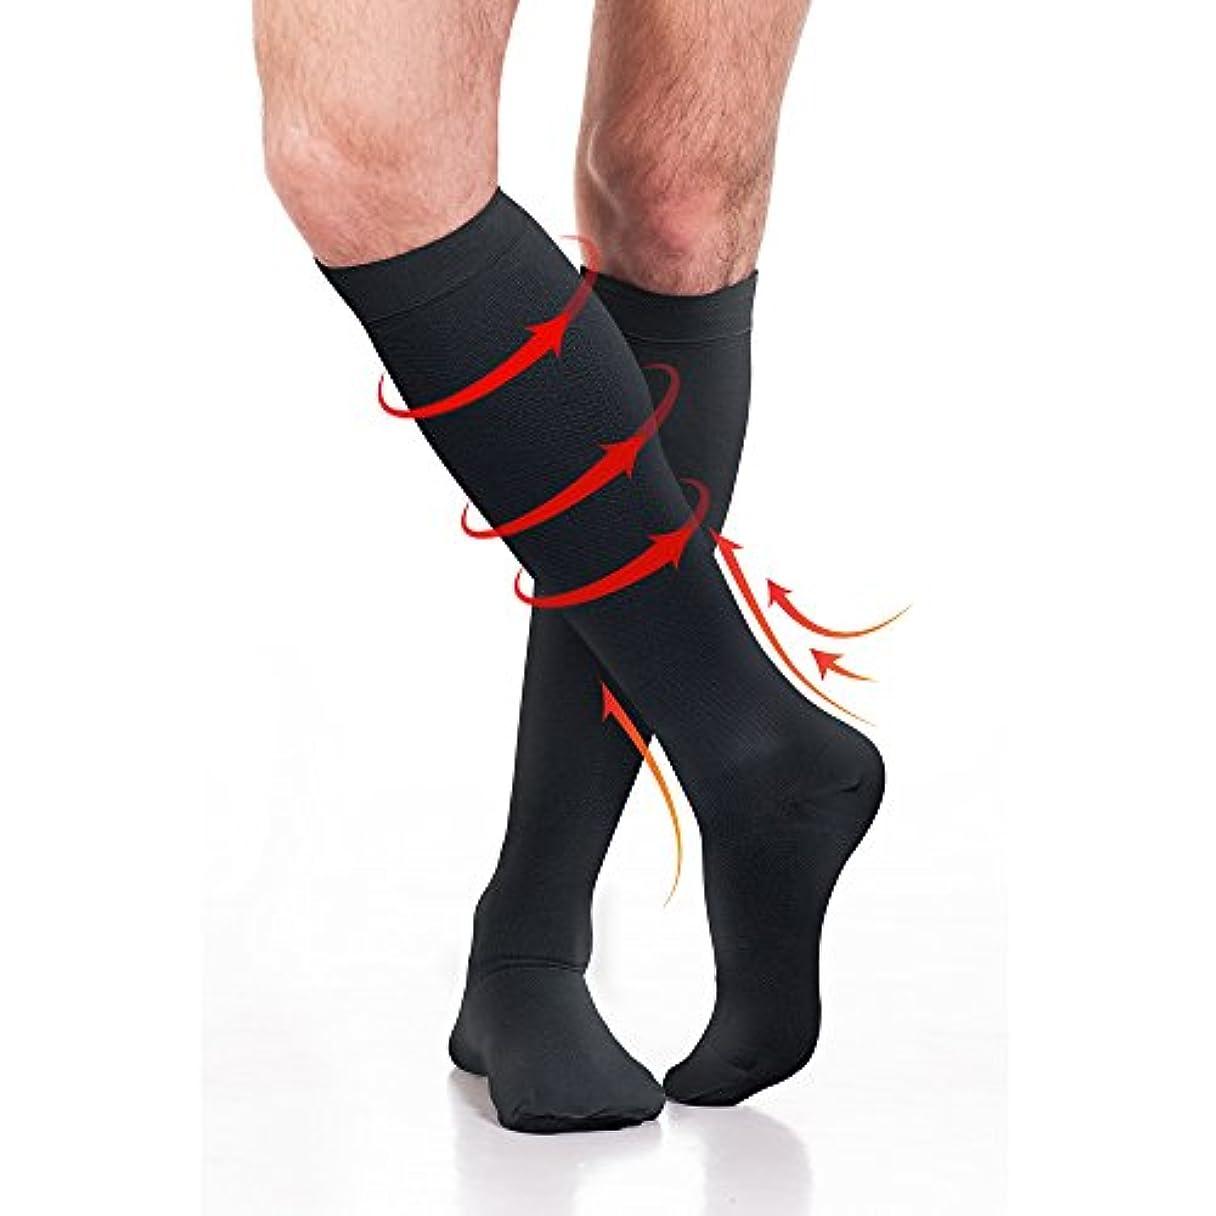 暫定のクーポン頭痛Fytto (フィトー)1080スタイル快適圧力着圧ソックス 靴下 ビジネスソックス ブラック 男女兼用 15-20mmHg (20~27hPa) ソックス サポート靴下 M